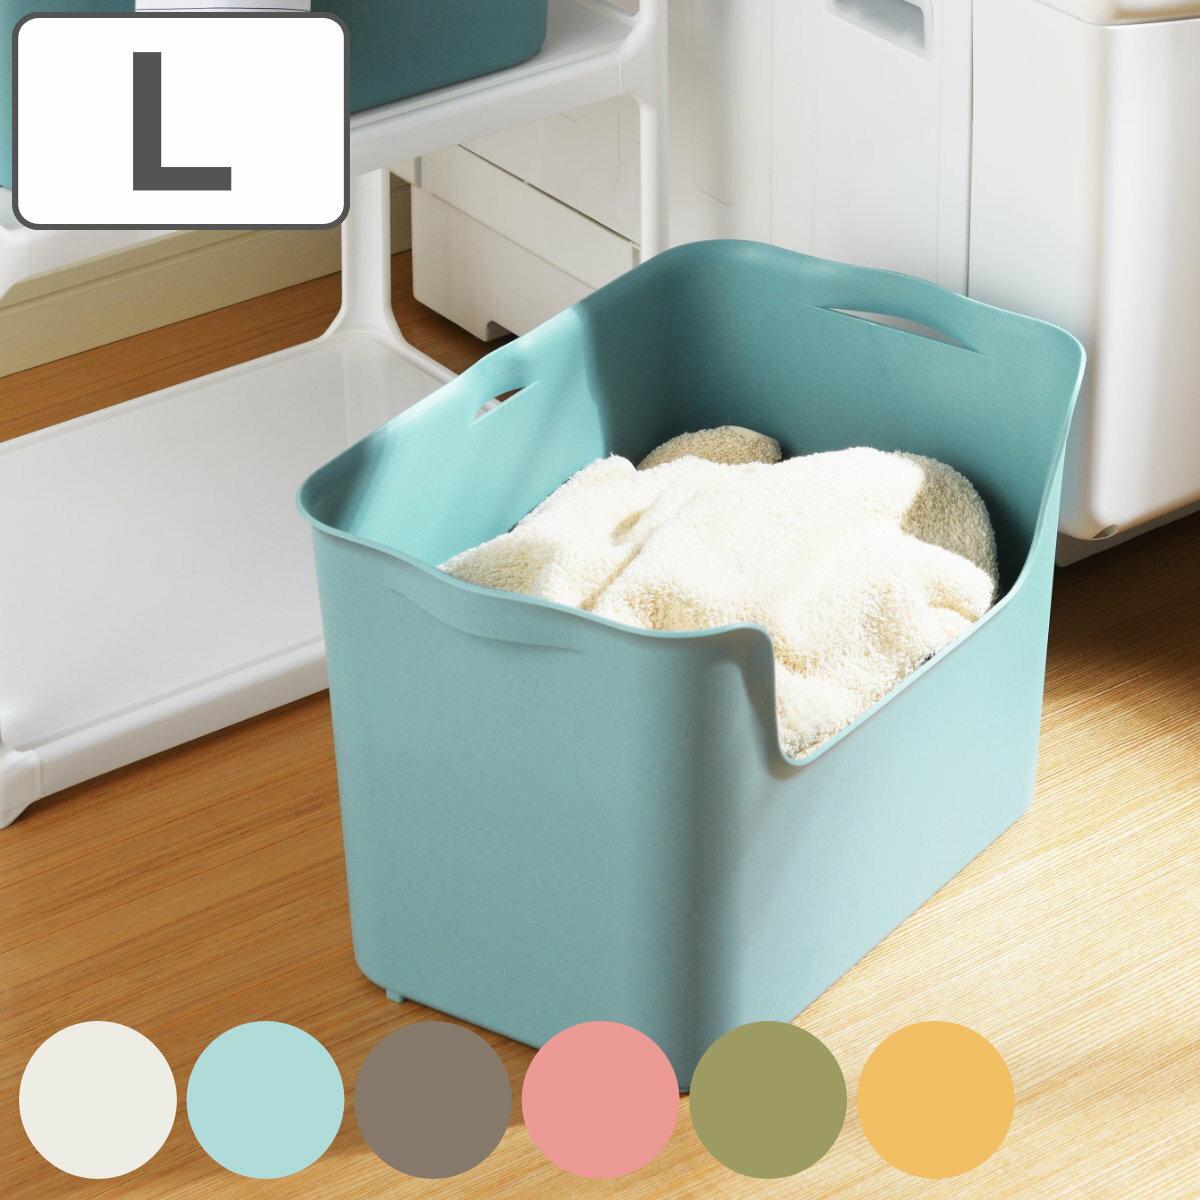 収納ボックス カタス L カラーボックス インナーボックス 引き出し ( 収納ケース 収納 プラスチック ケース ボックス おもちゃ箱 おもちゃ収納 衣類収納 フルサイズ インナーケース 積み重ね おしゃれ 日本製 )